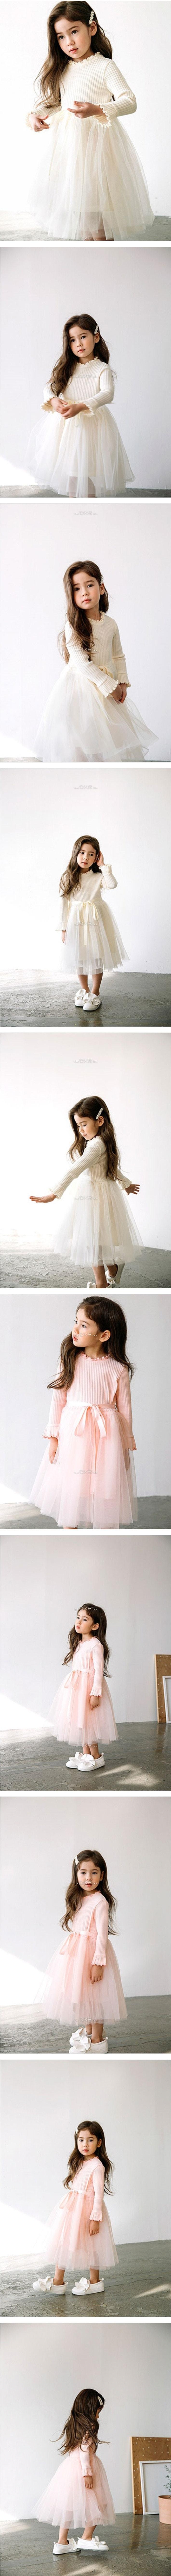 E.RU - Korean Children Fashion - #Kfashion4kids - Charmant Dress